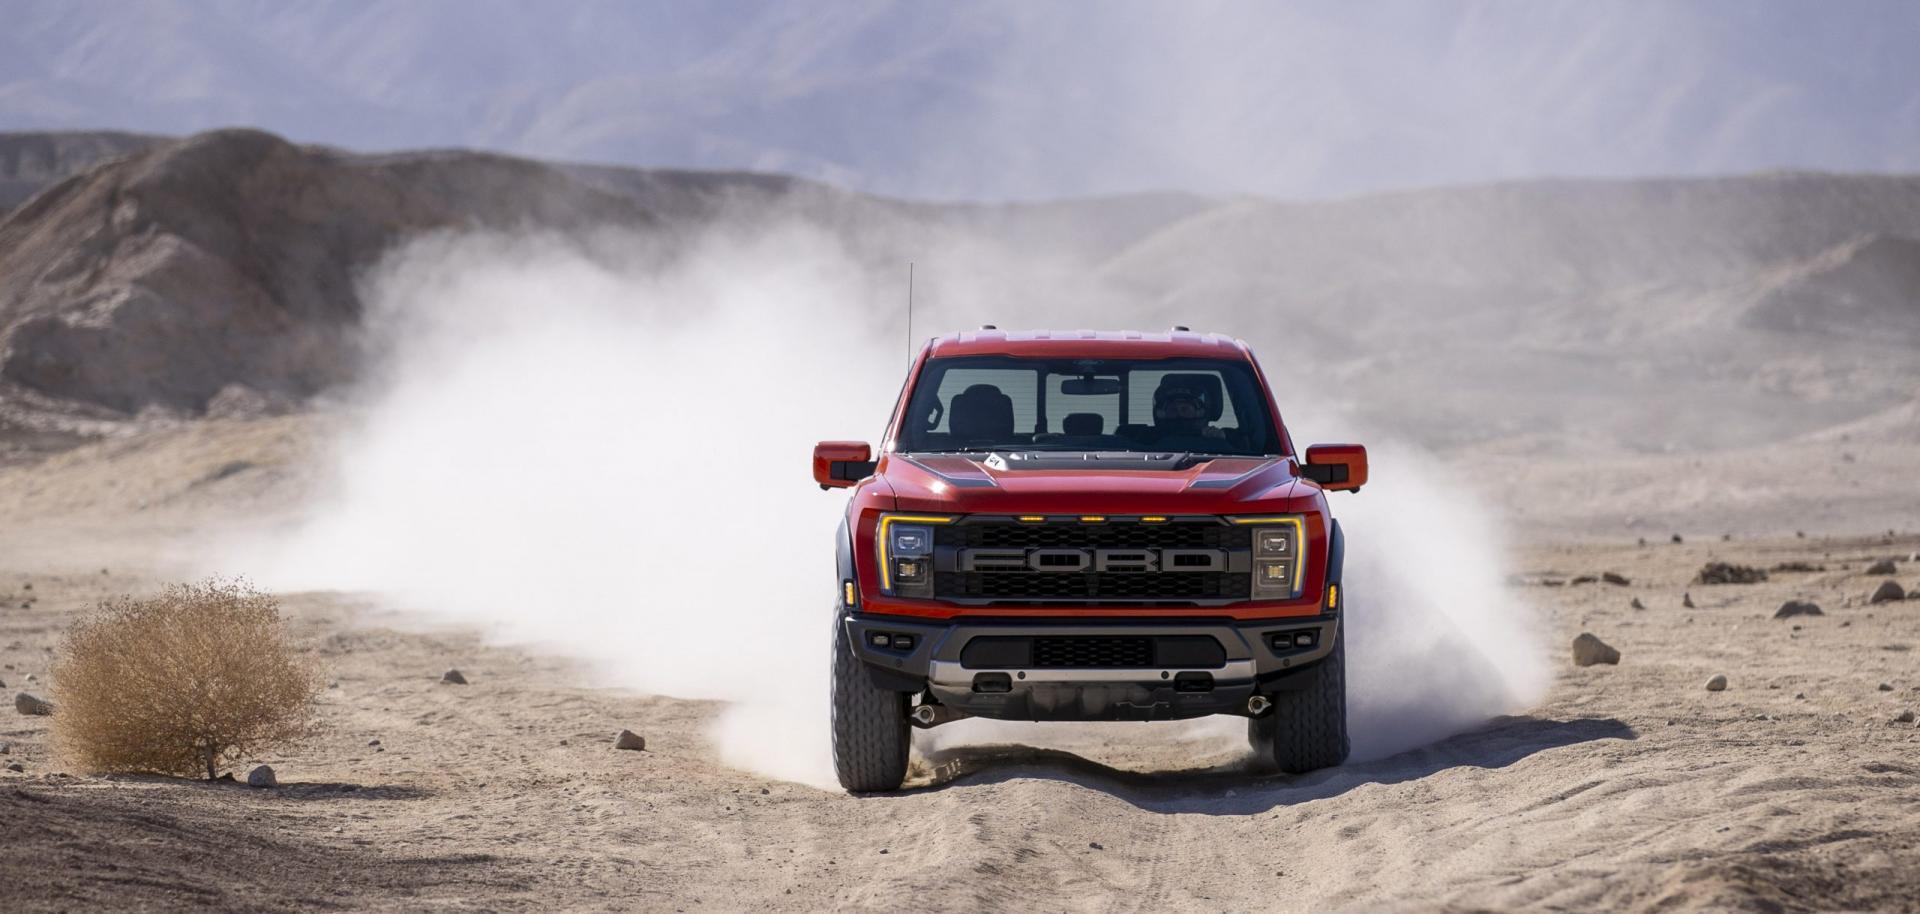 2021 Ford F-150 Raptor door de woestijn